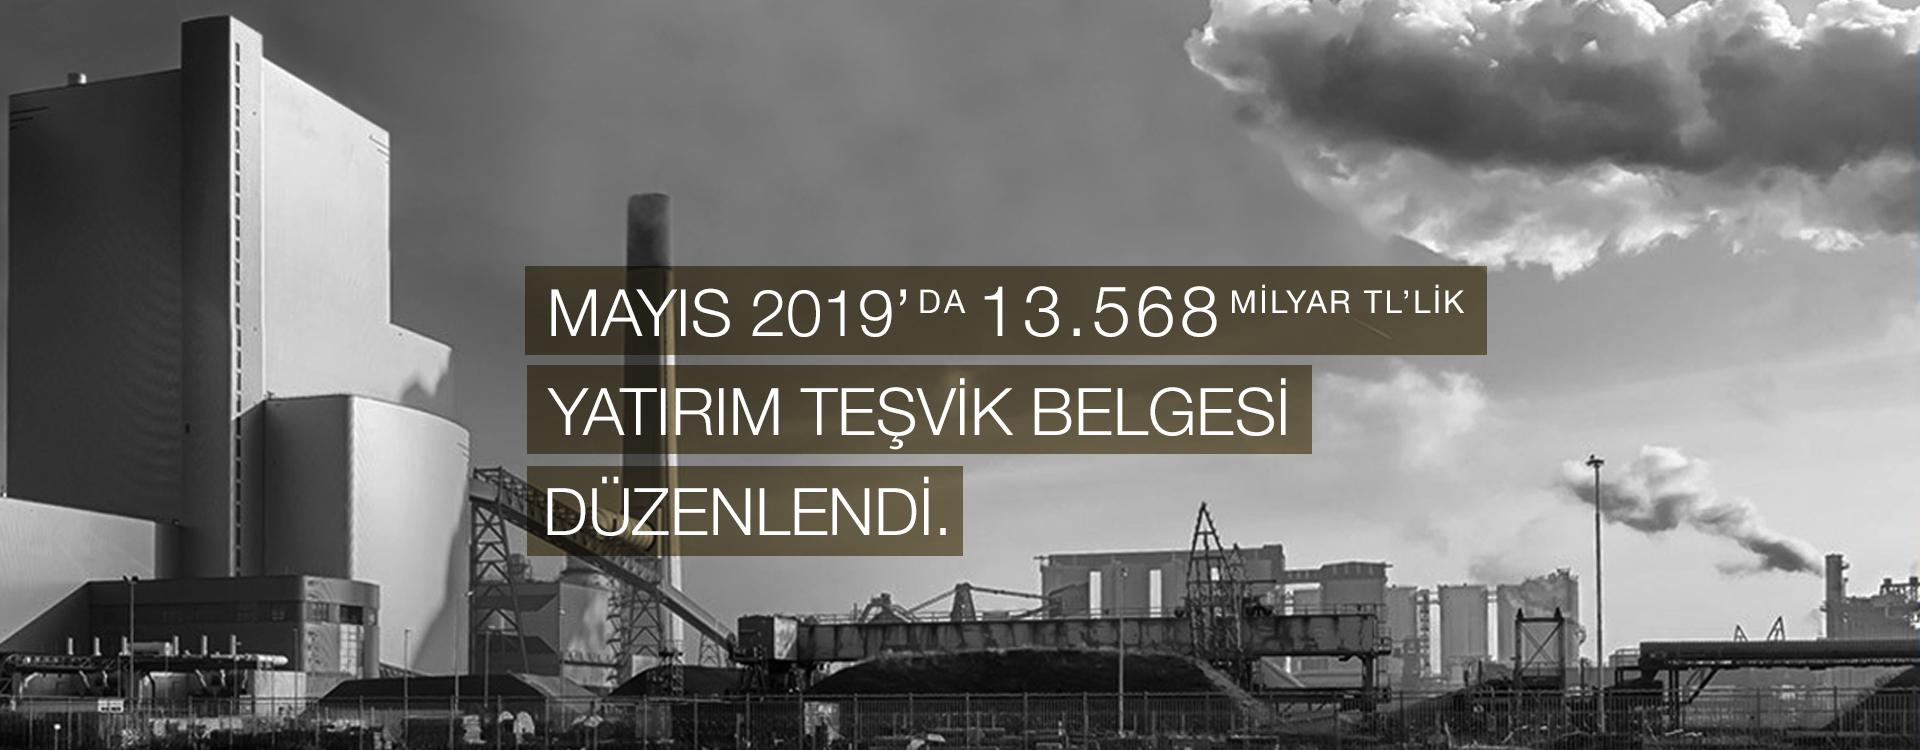 Martta 6.843 Milyar Türk Liralık yatırım teşvik belgesi düzenlendi.